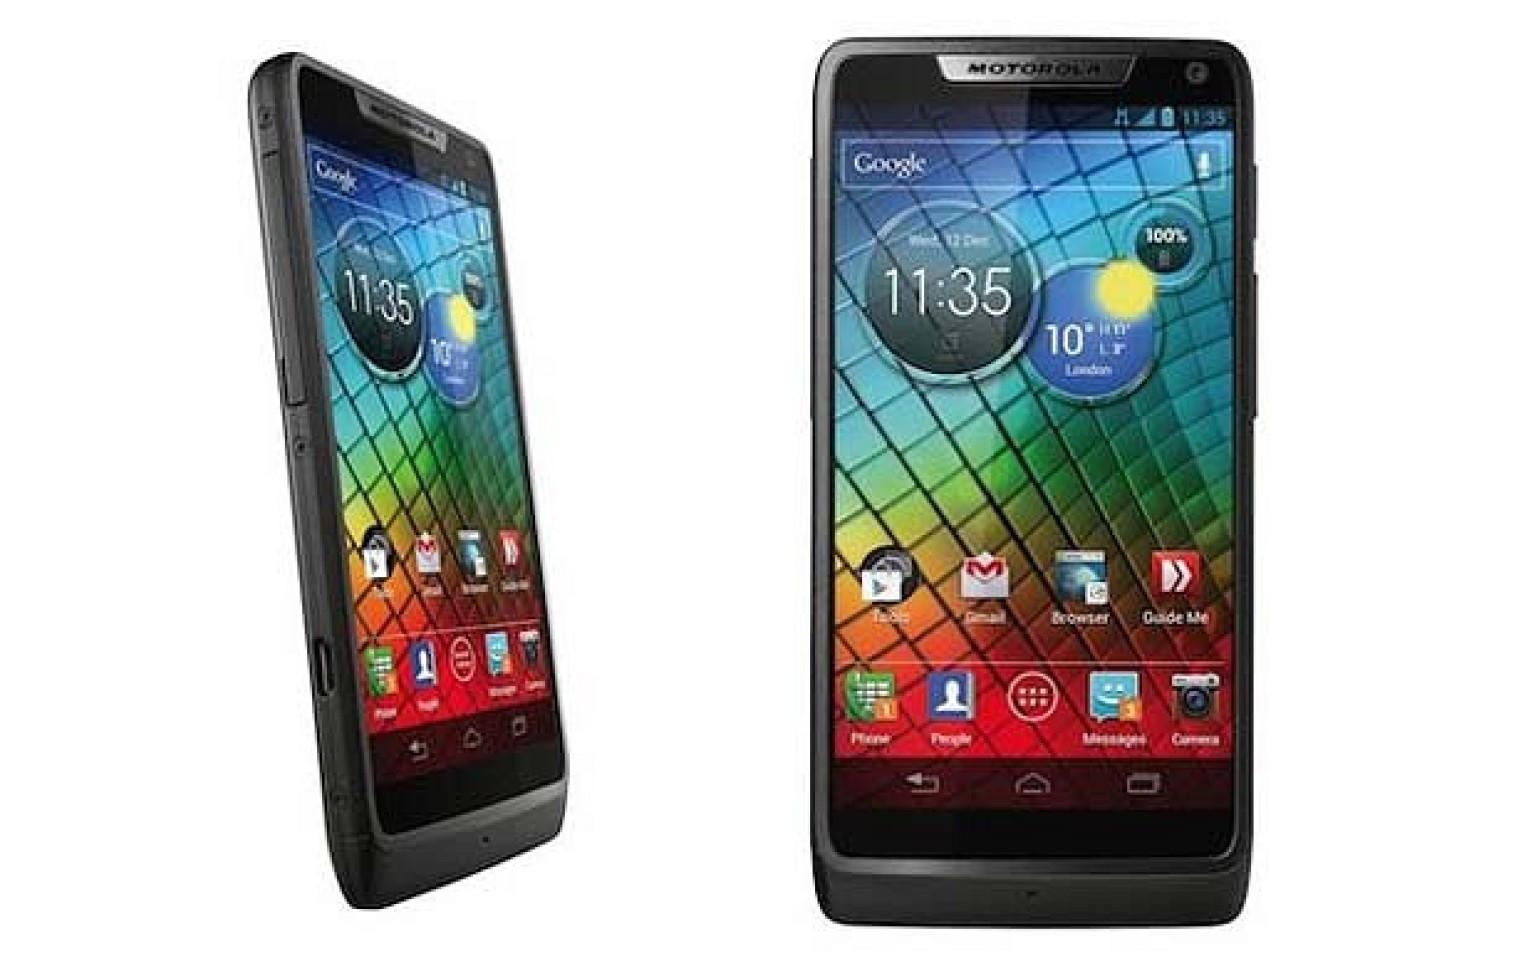 Moto X di Motorola farà uso di nano-SIM come iPhone 5